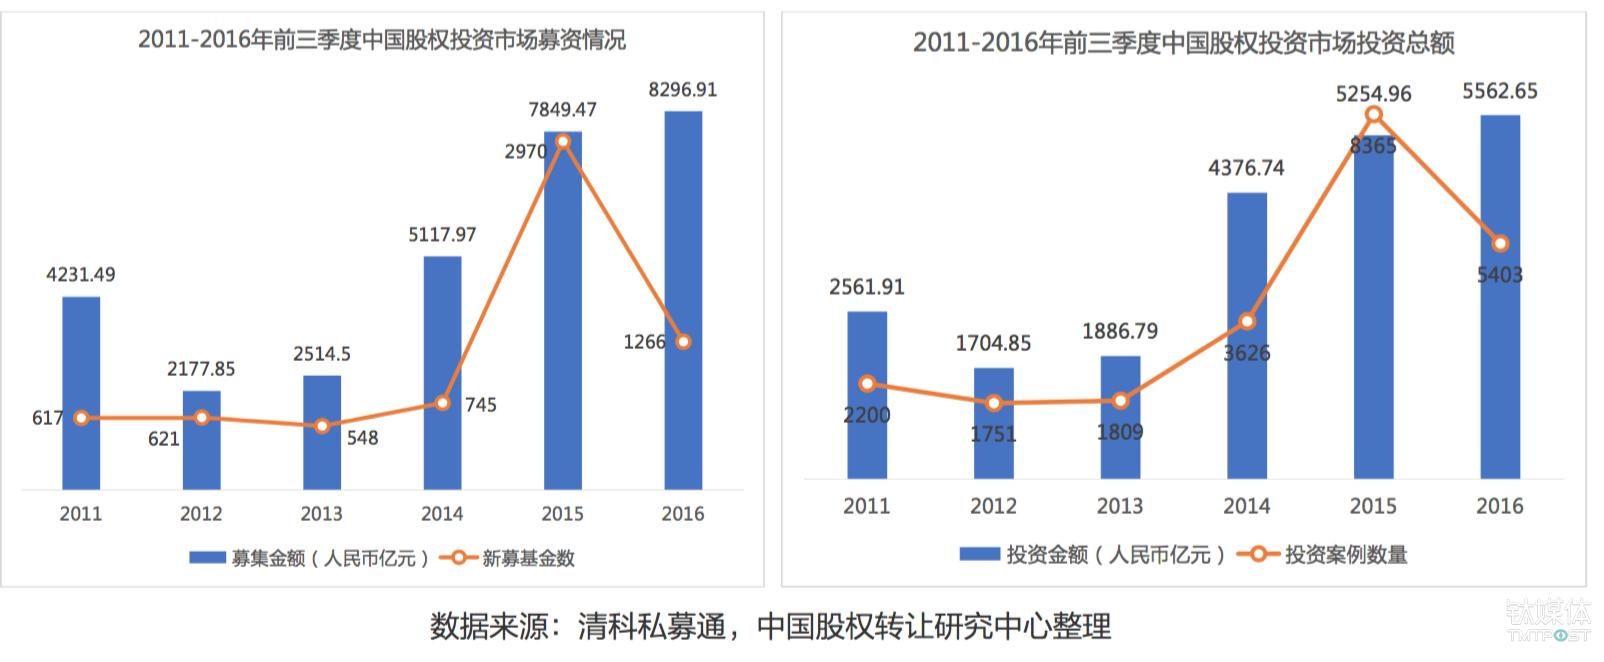 2016年前三季度中国股权投资市场情况